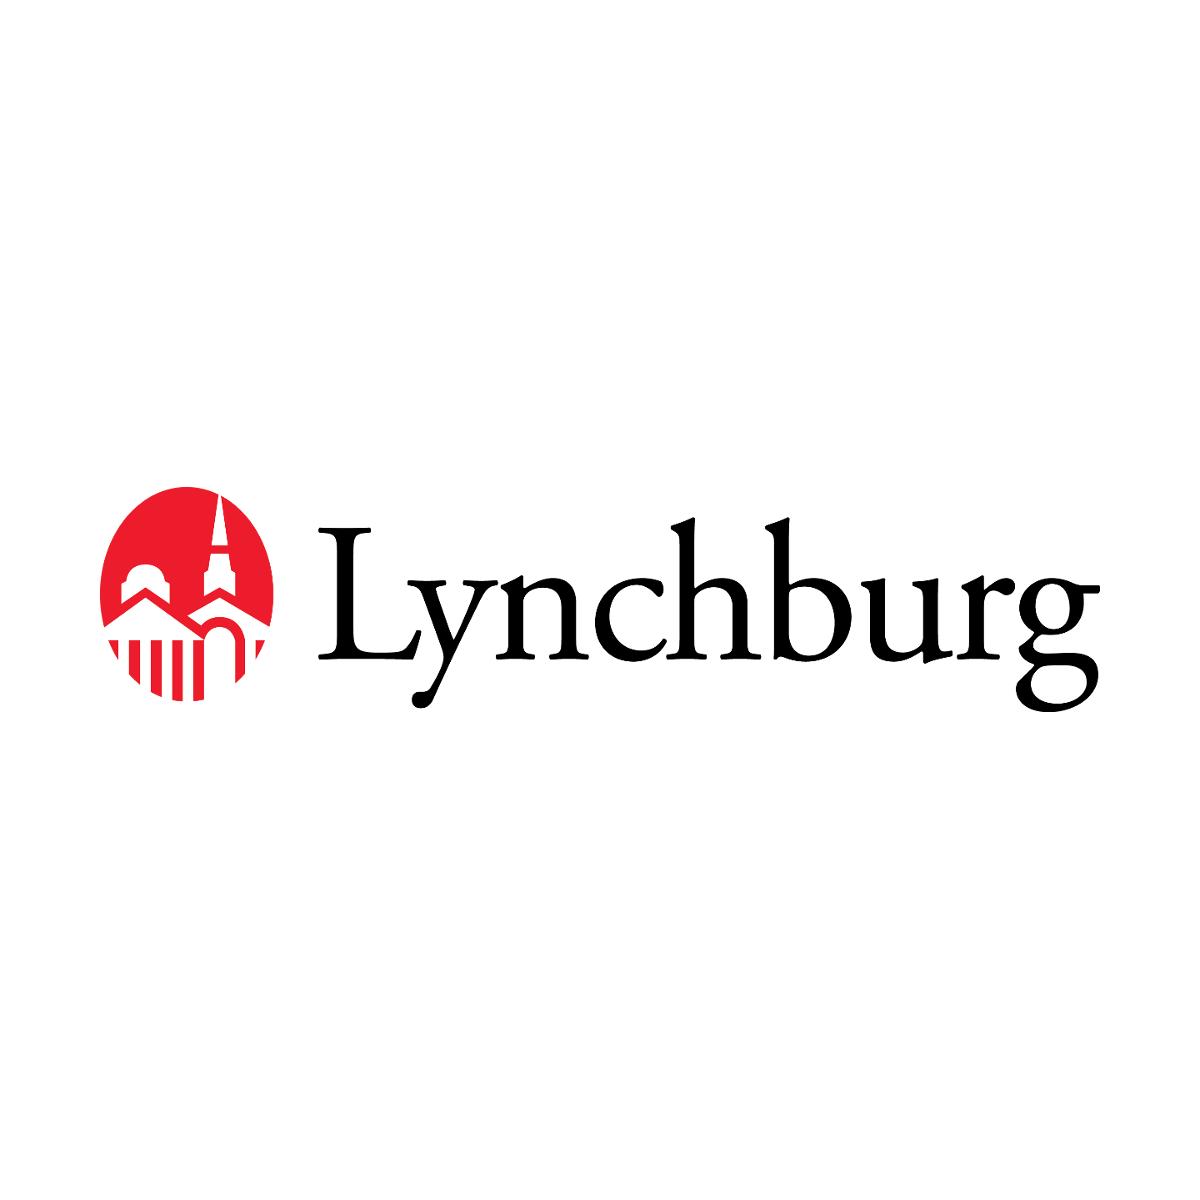 Top 10 Study Skills – University of Lynchburg